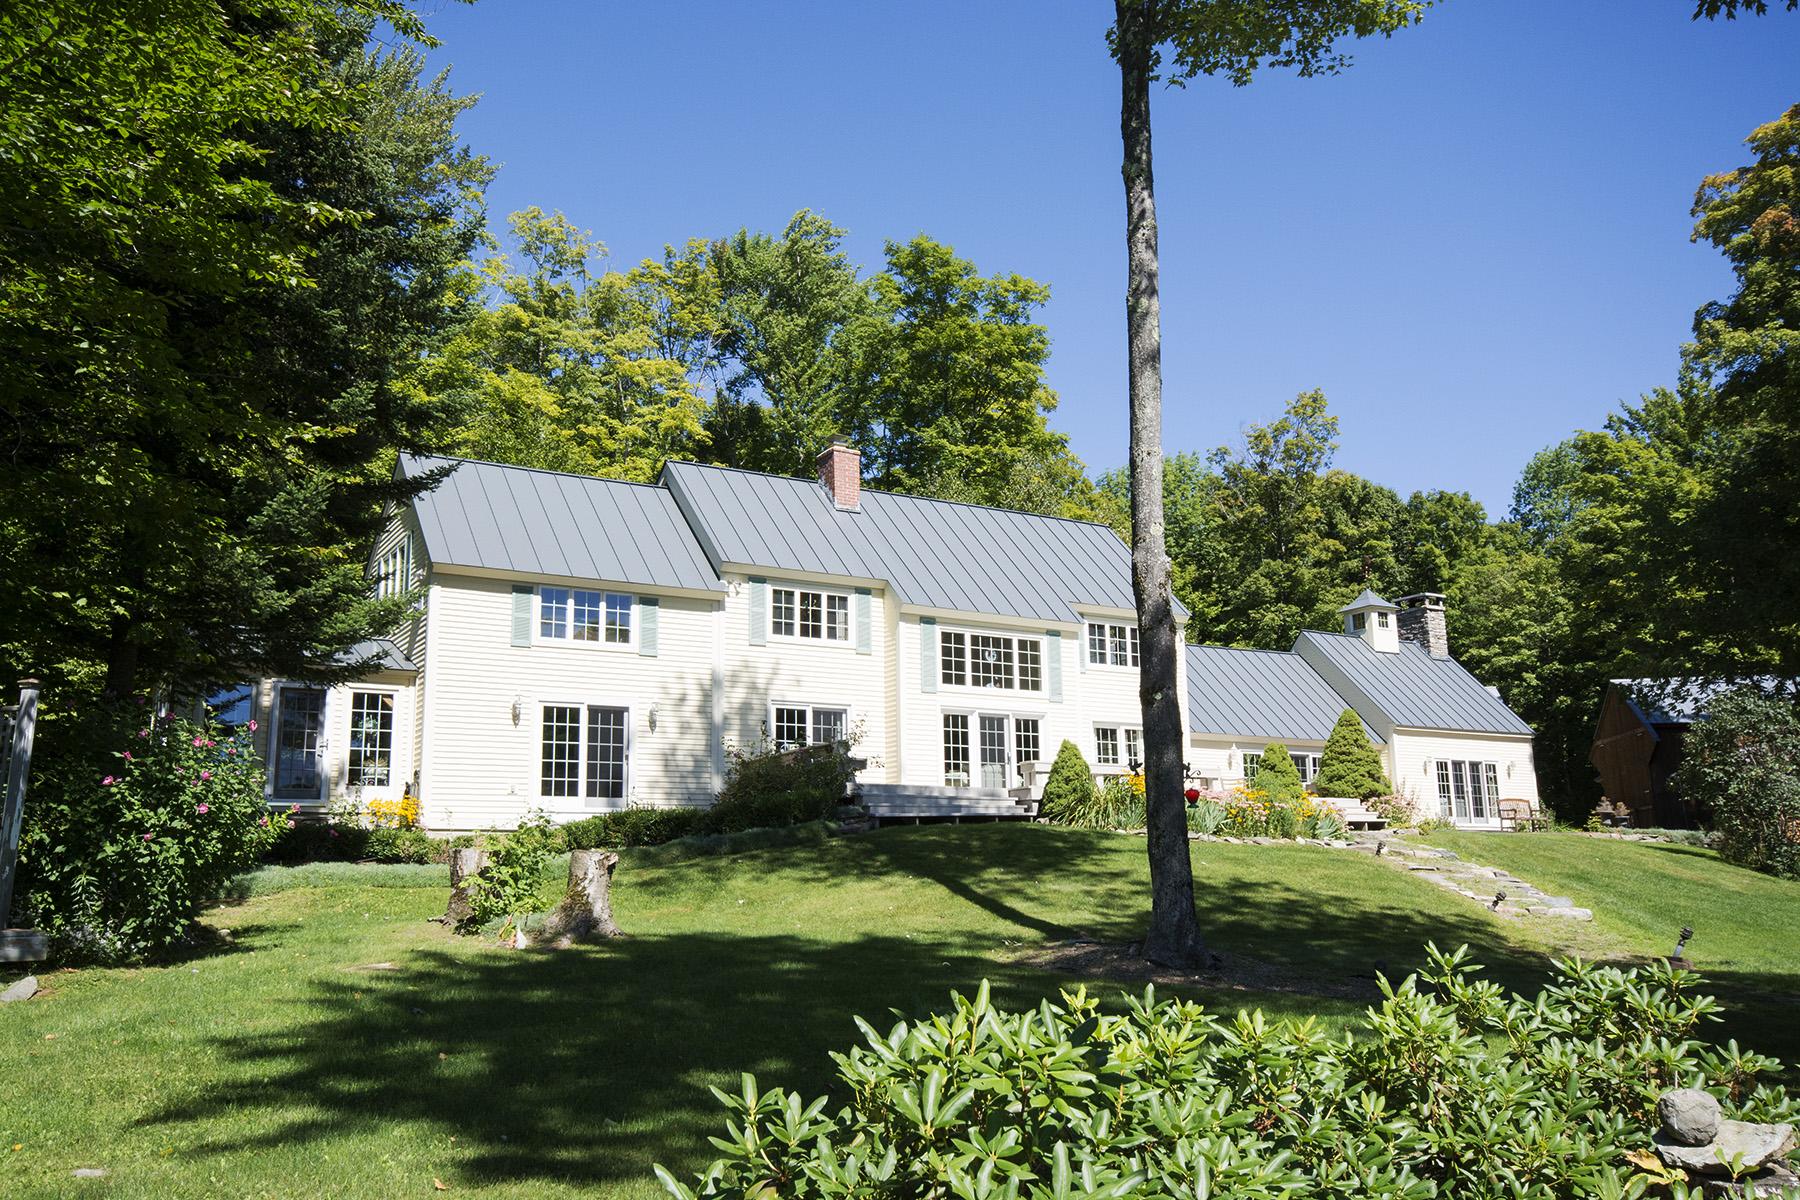 独户住宅 为 销售 在 Peaceful View 563 Spruce Hill Rd 伦敦德里郡, 佛蒙特州, 05148 美国